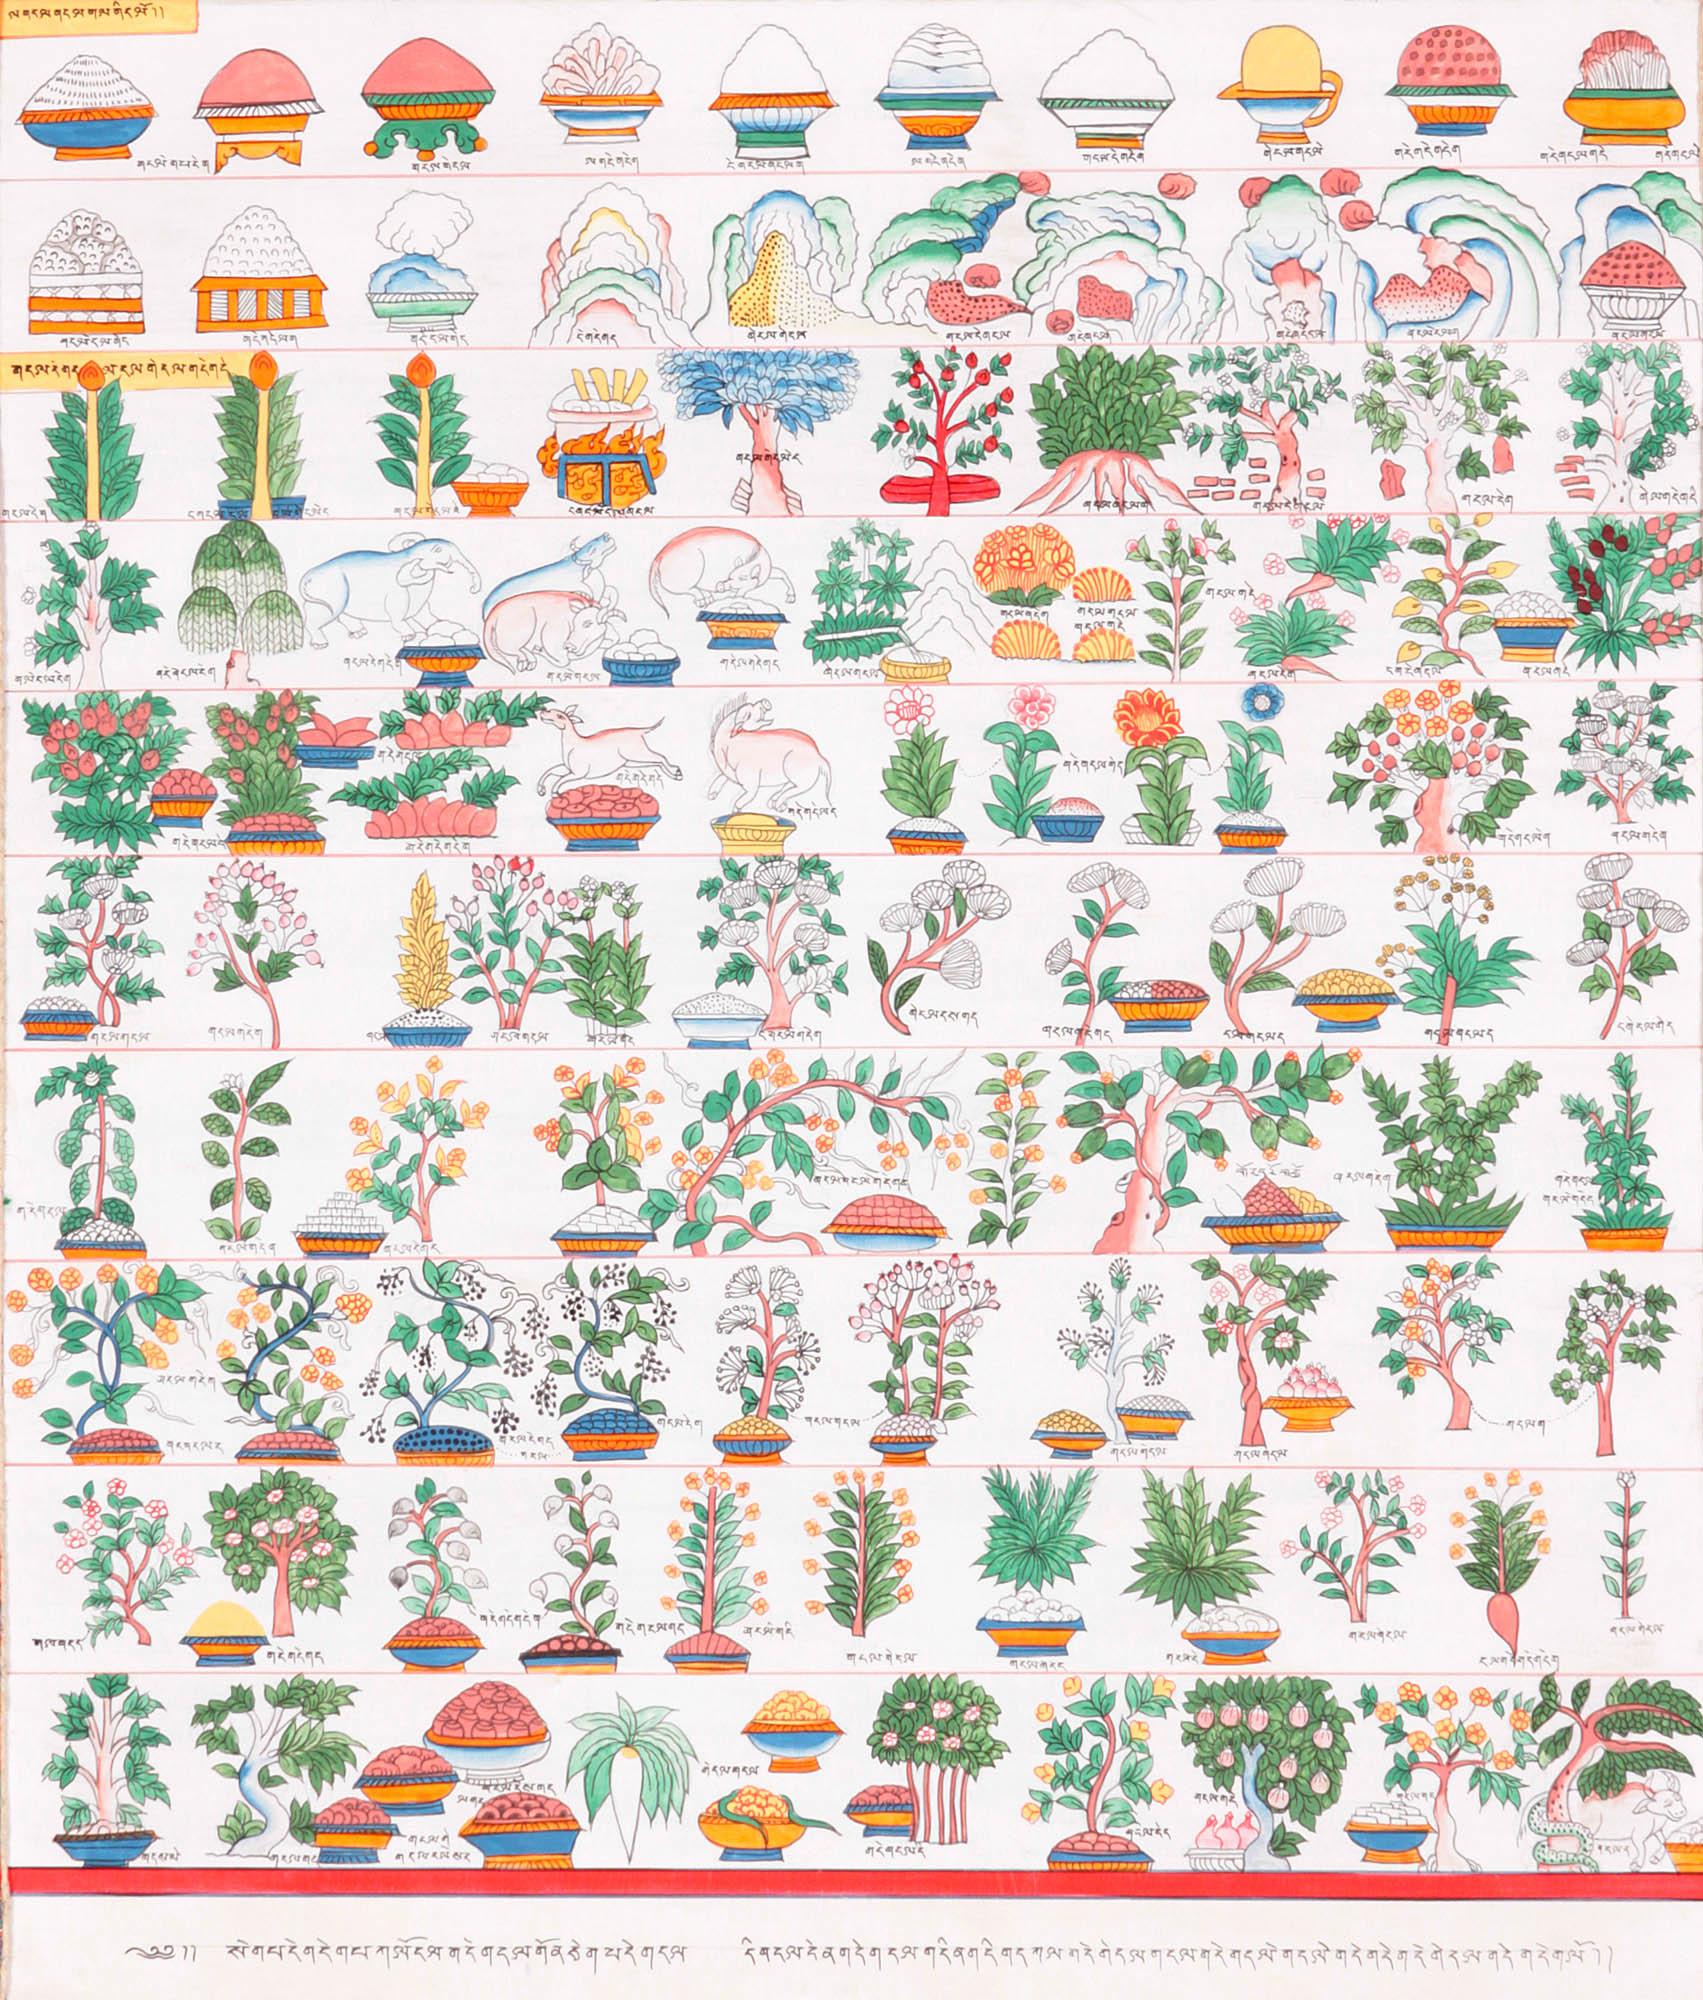 Tibetan herbs